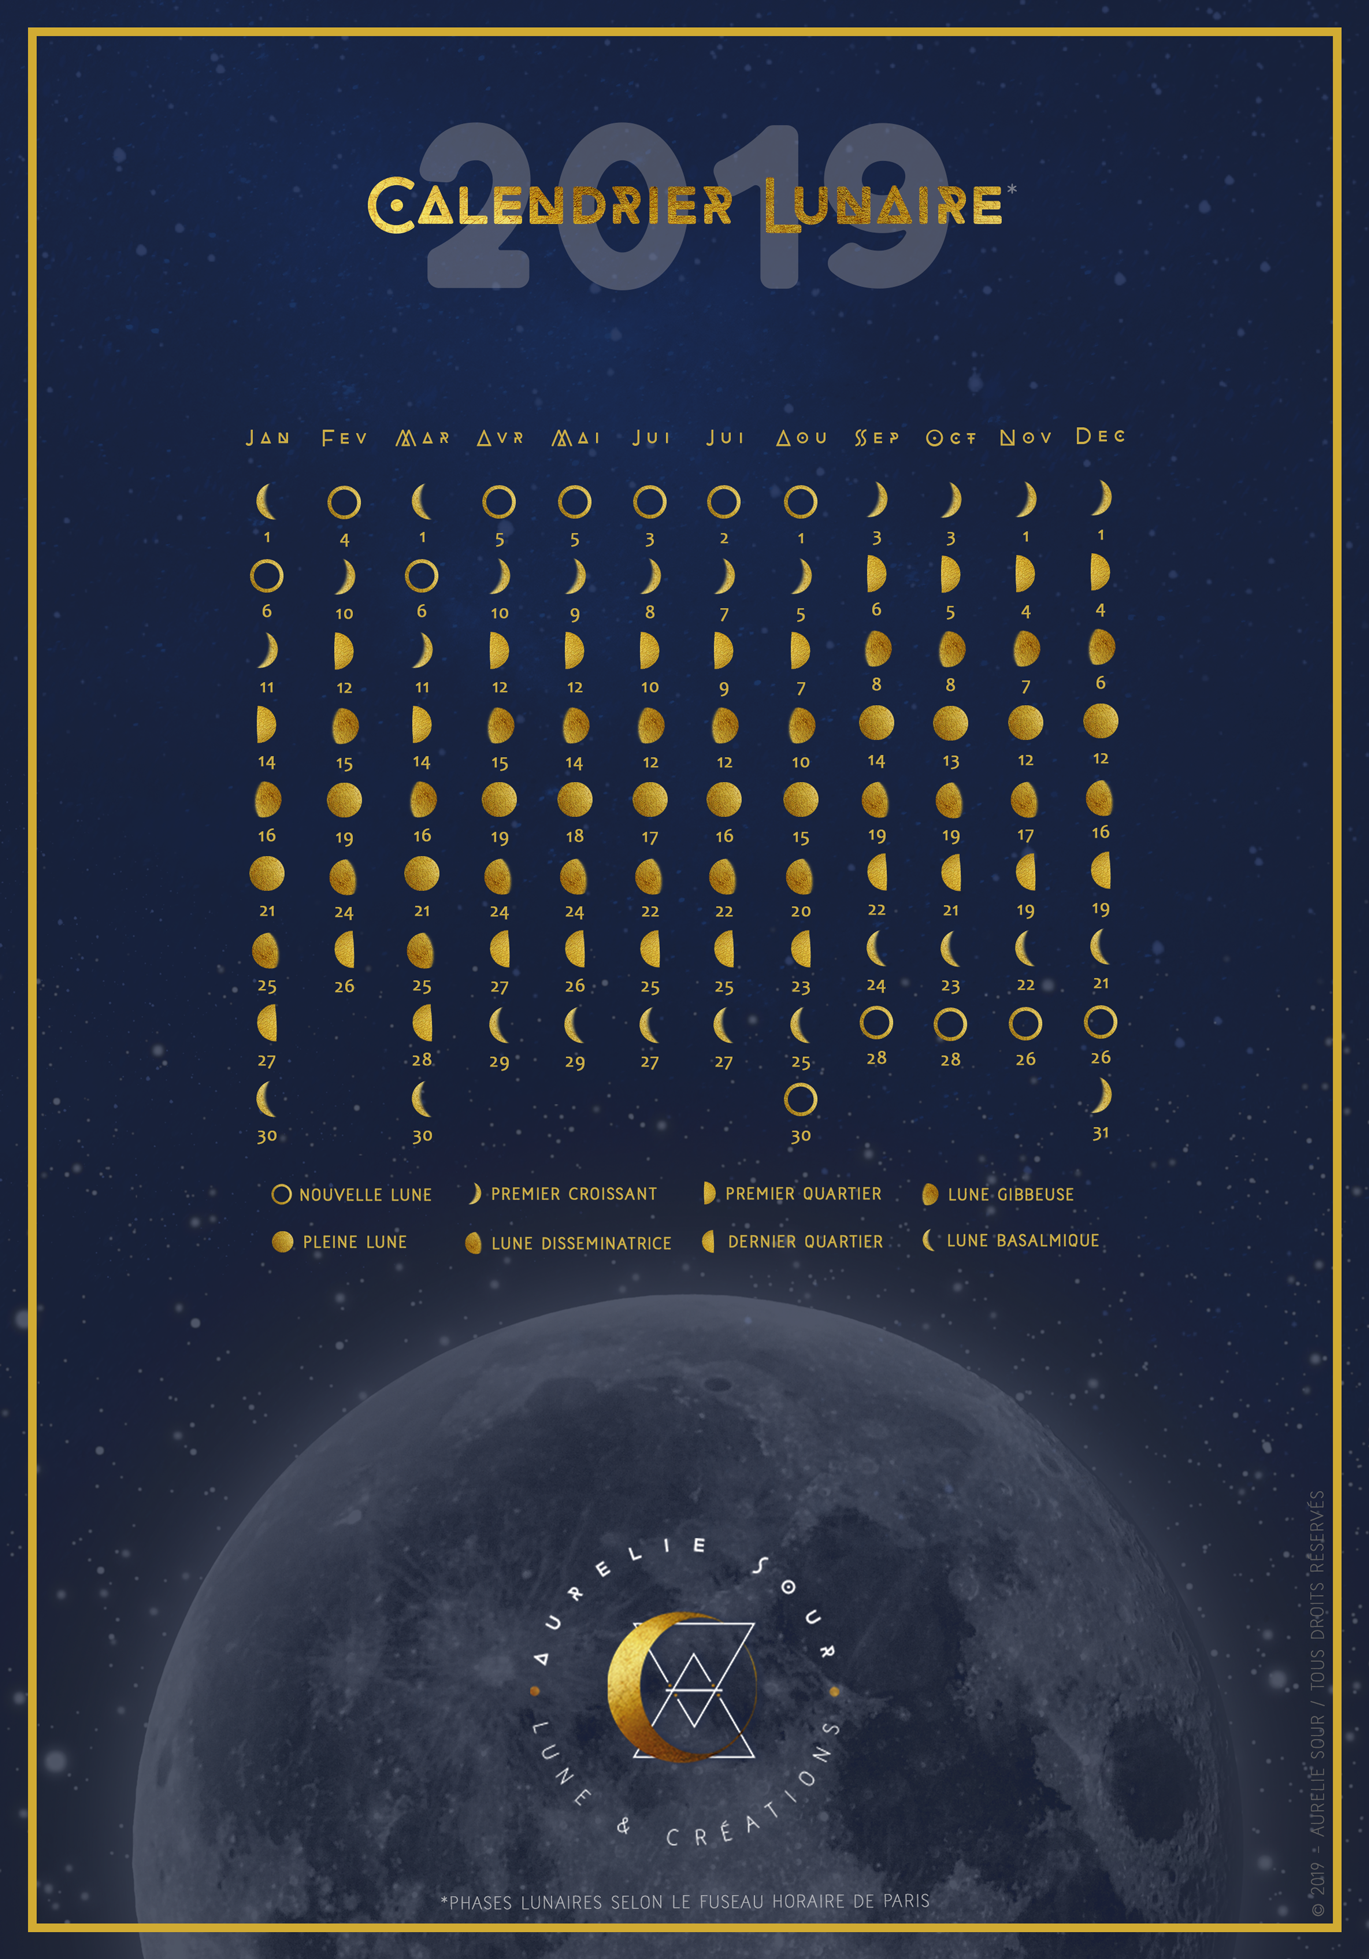 Calendrier Nouvelle Lune 2019.Calendrier Lunaire 2019 Retrouvez Les 8 Phases De Lune